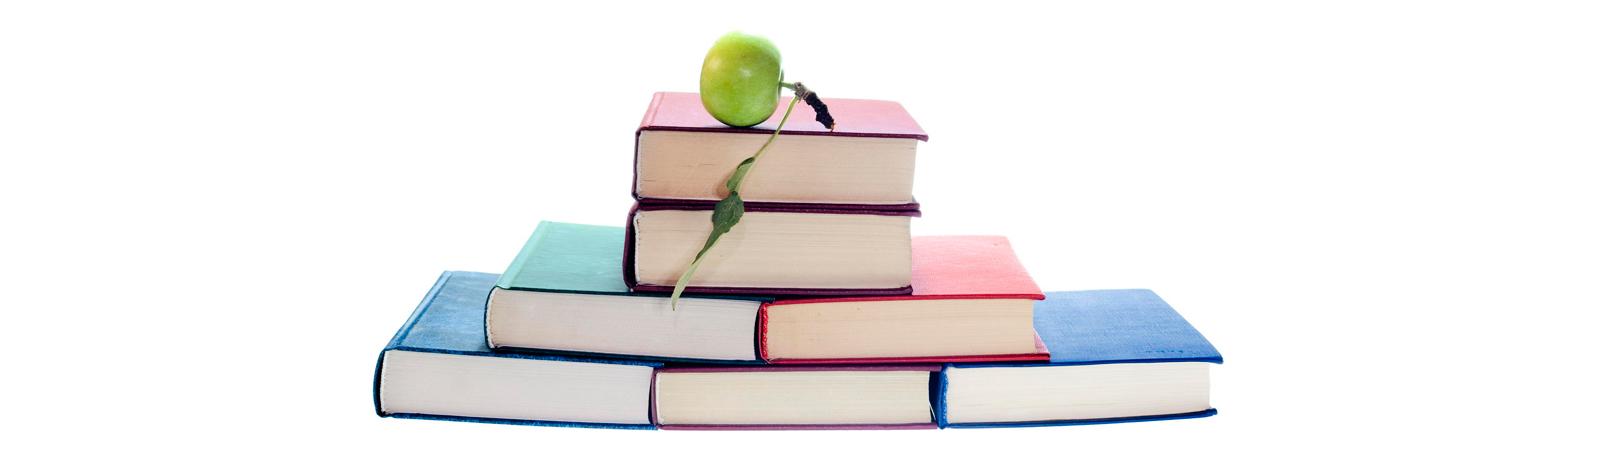 stockvault-apple-on-books128237